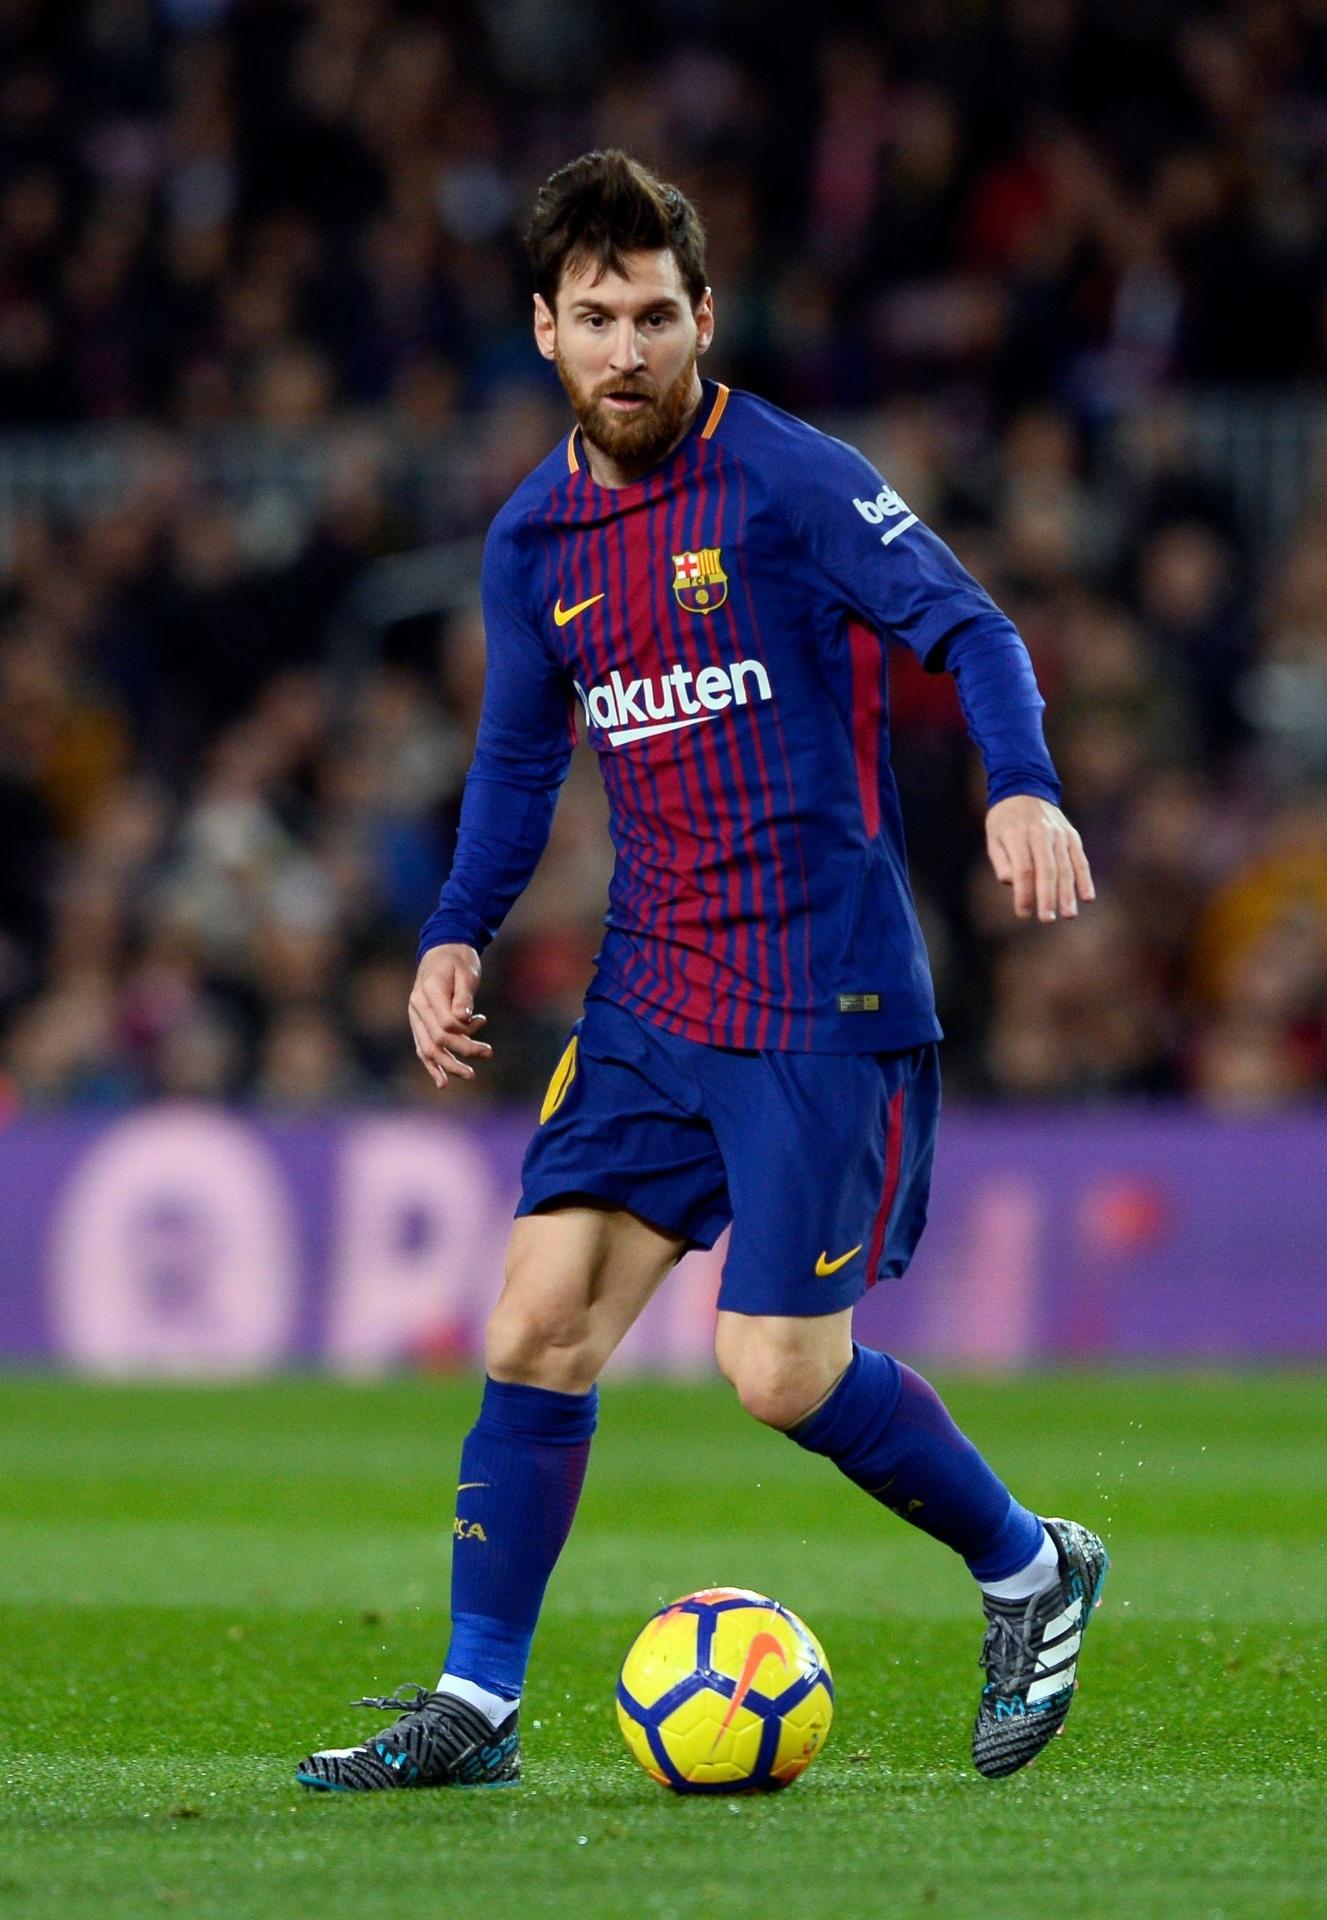 fa4102e5d7 Valor da camisa do Barcelona vai superar 200 milhões de euros - 15 02 2018  - UOL Esporte